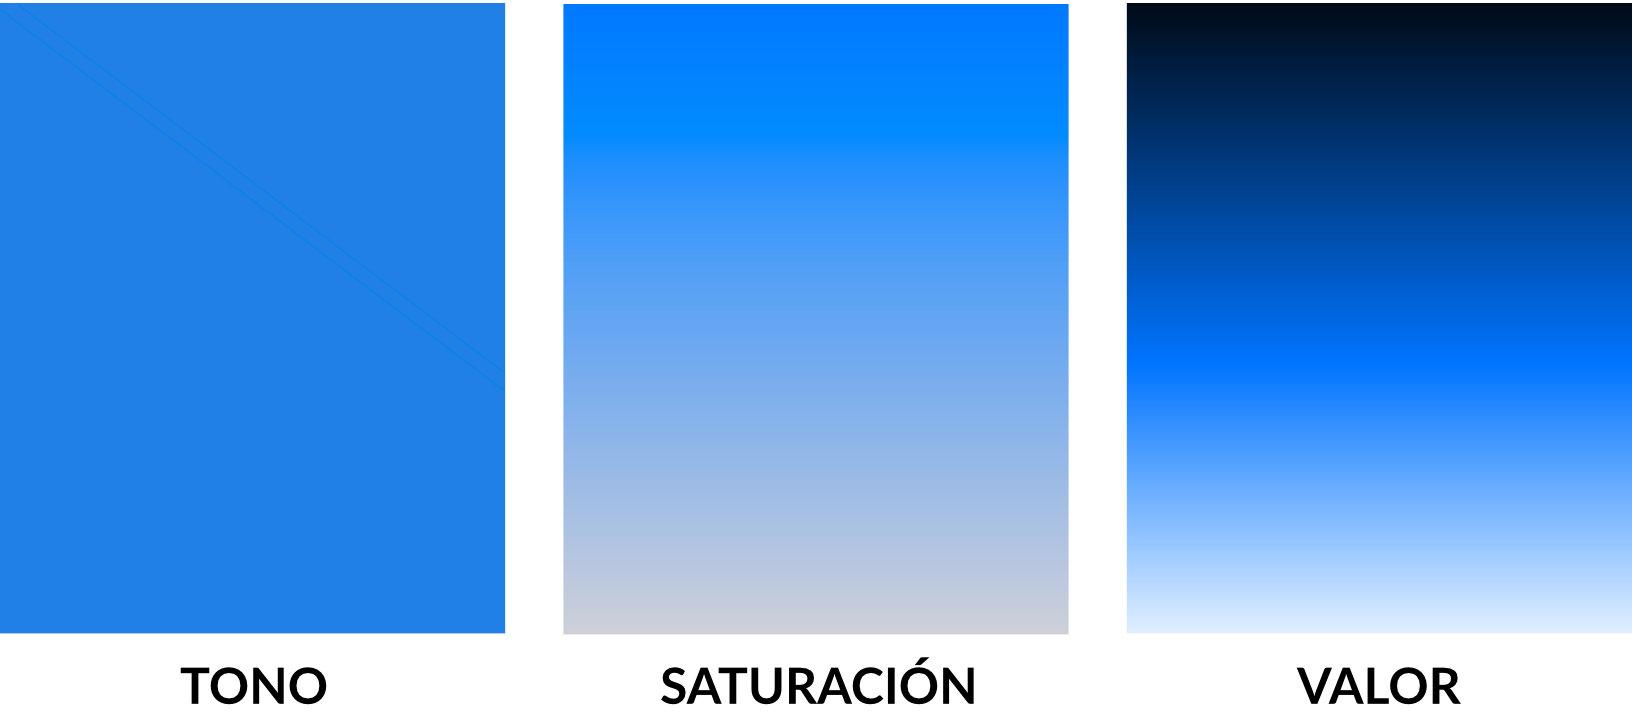 Propiedades del color: tono, saturación y valor